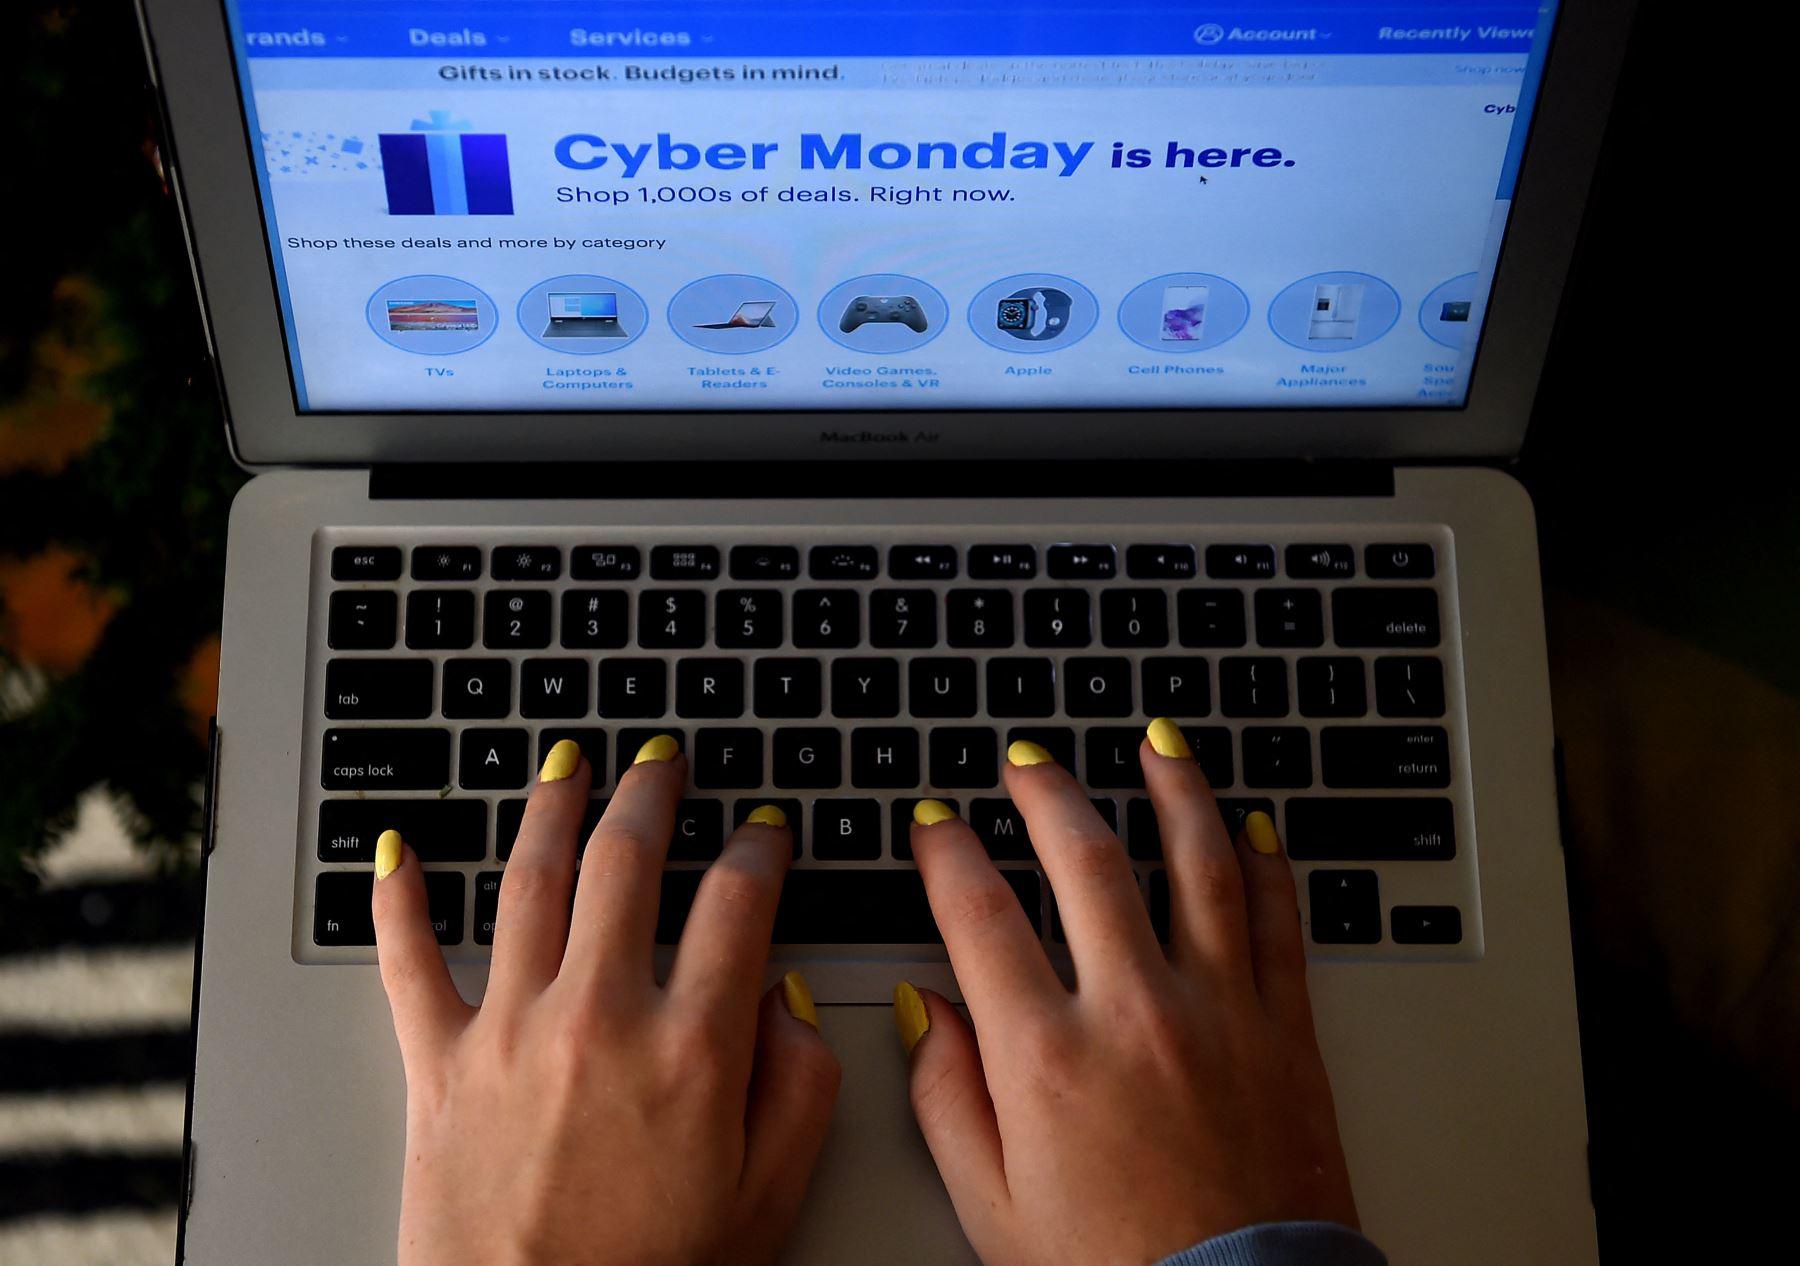 El comercio electrónico se ha visto impulsado por el confinamiento derivado de la pandemia del nuevo coronavirus. Foto: AFP